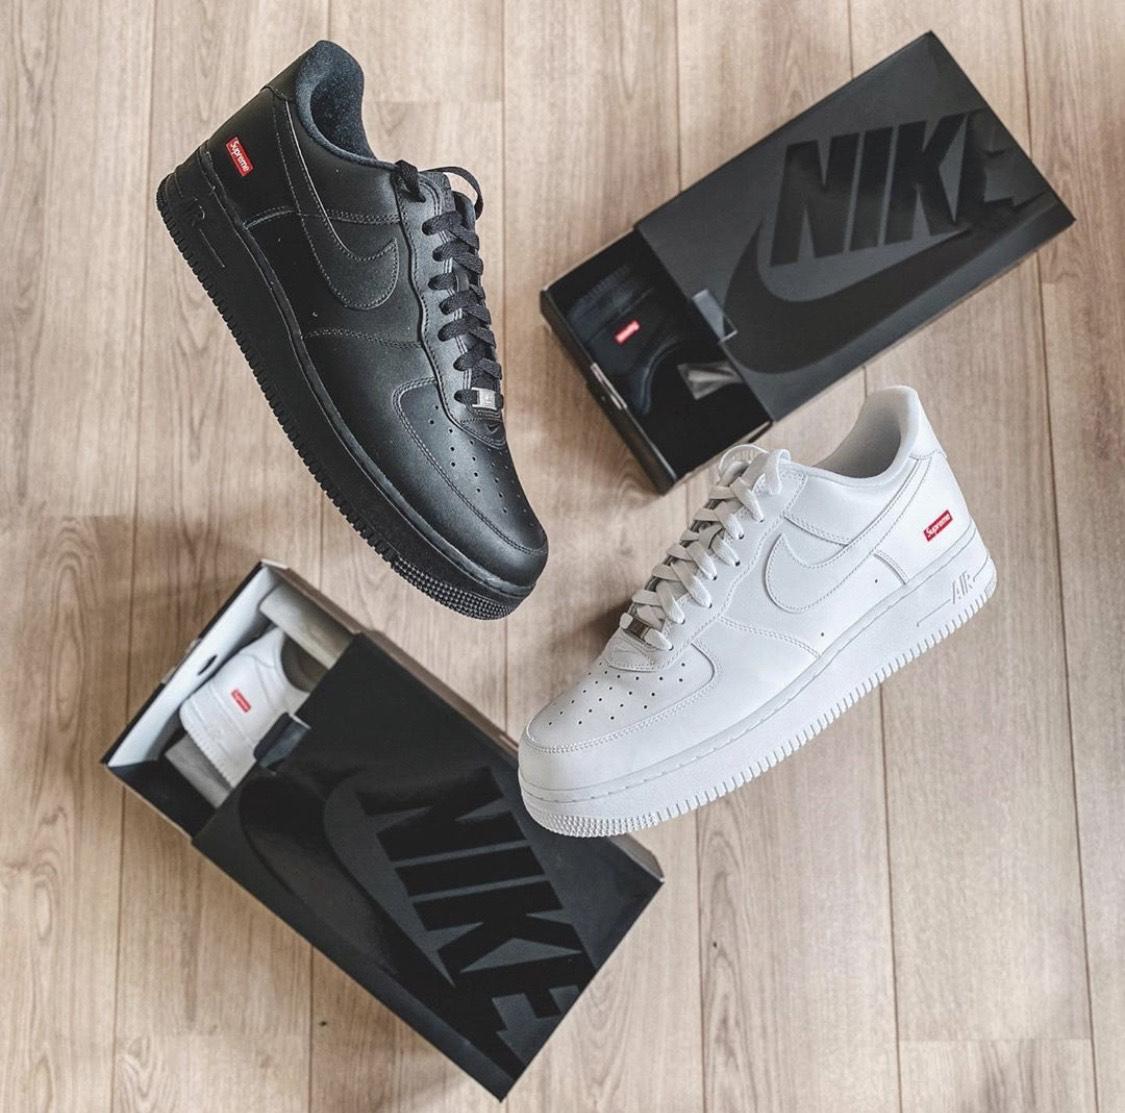 Supreme x Nike Air Force 1: a fehér és a fekete színállás is ugyanolyan dobozban érkezik